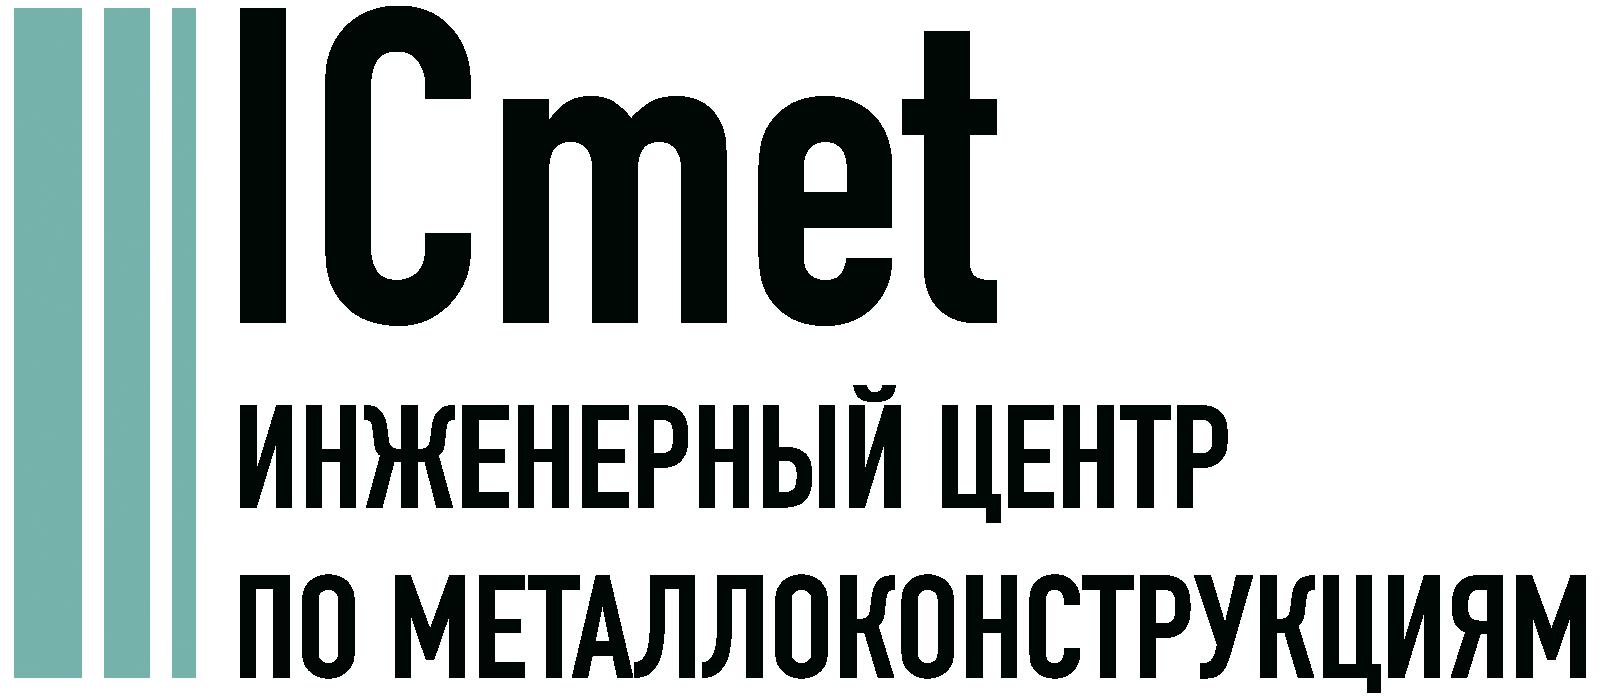 Проектирование металлоконструкций Новосибирск